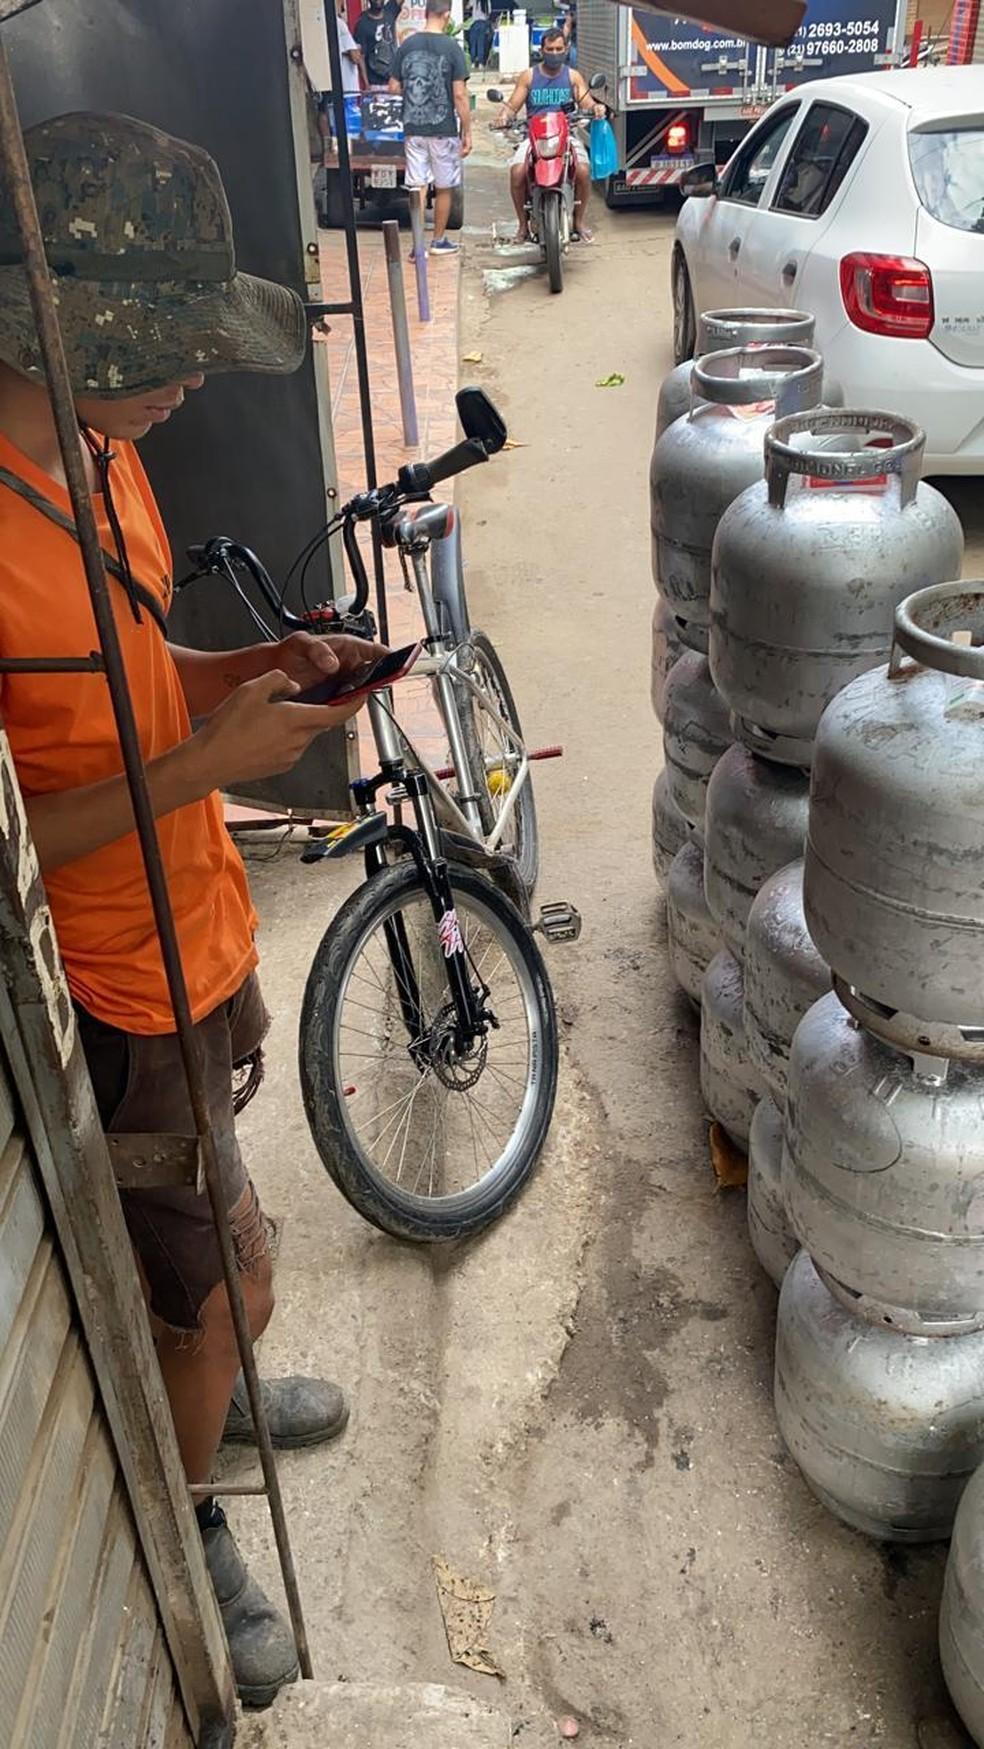 Botijões de gás foram apreendidos em operação contra milícia na Zona Oeste do RJ — Foto: Divulgação